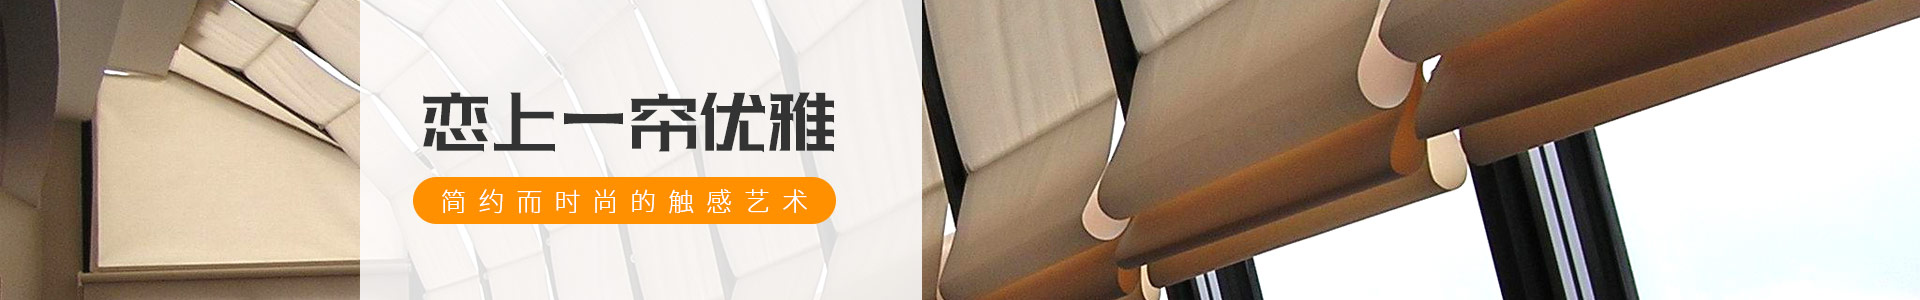 上海博开-电动遮阳帘